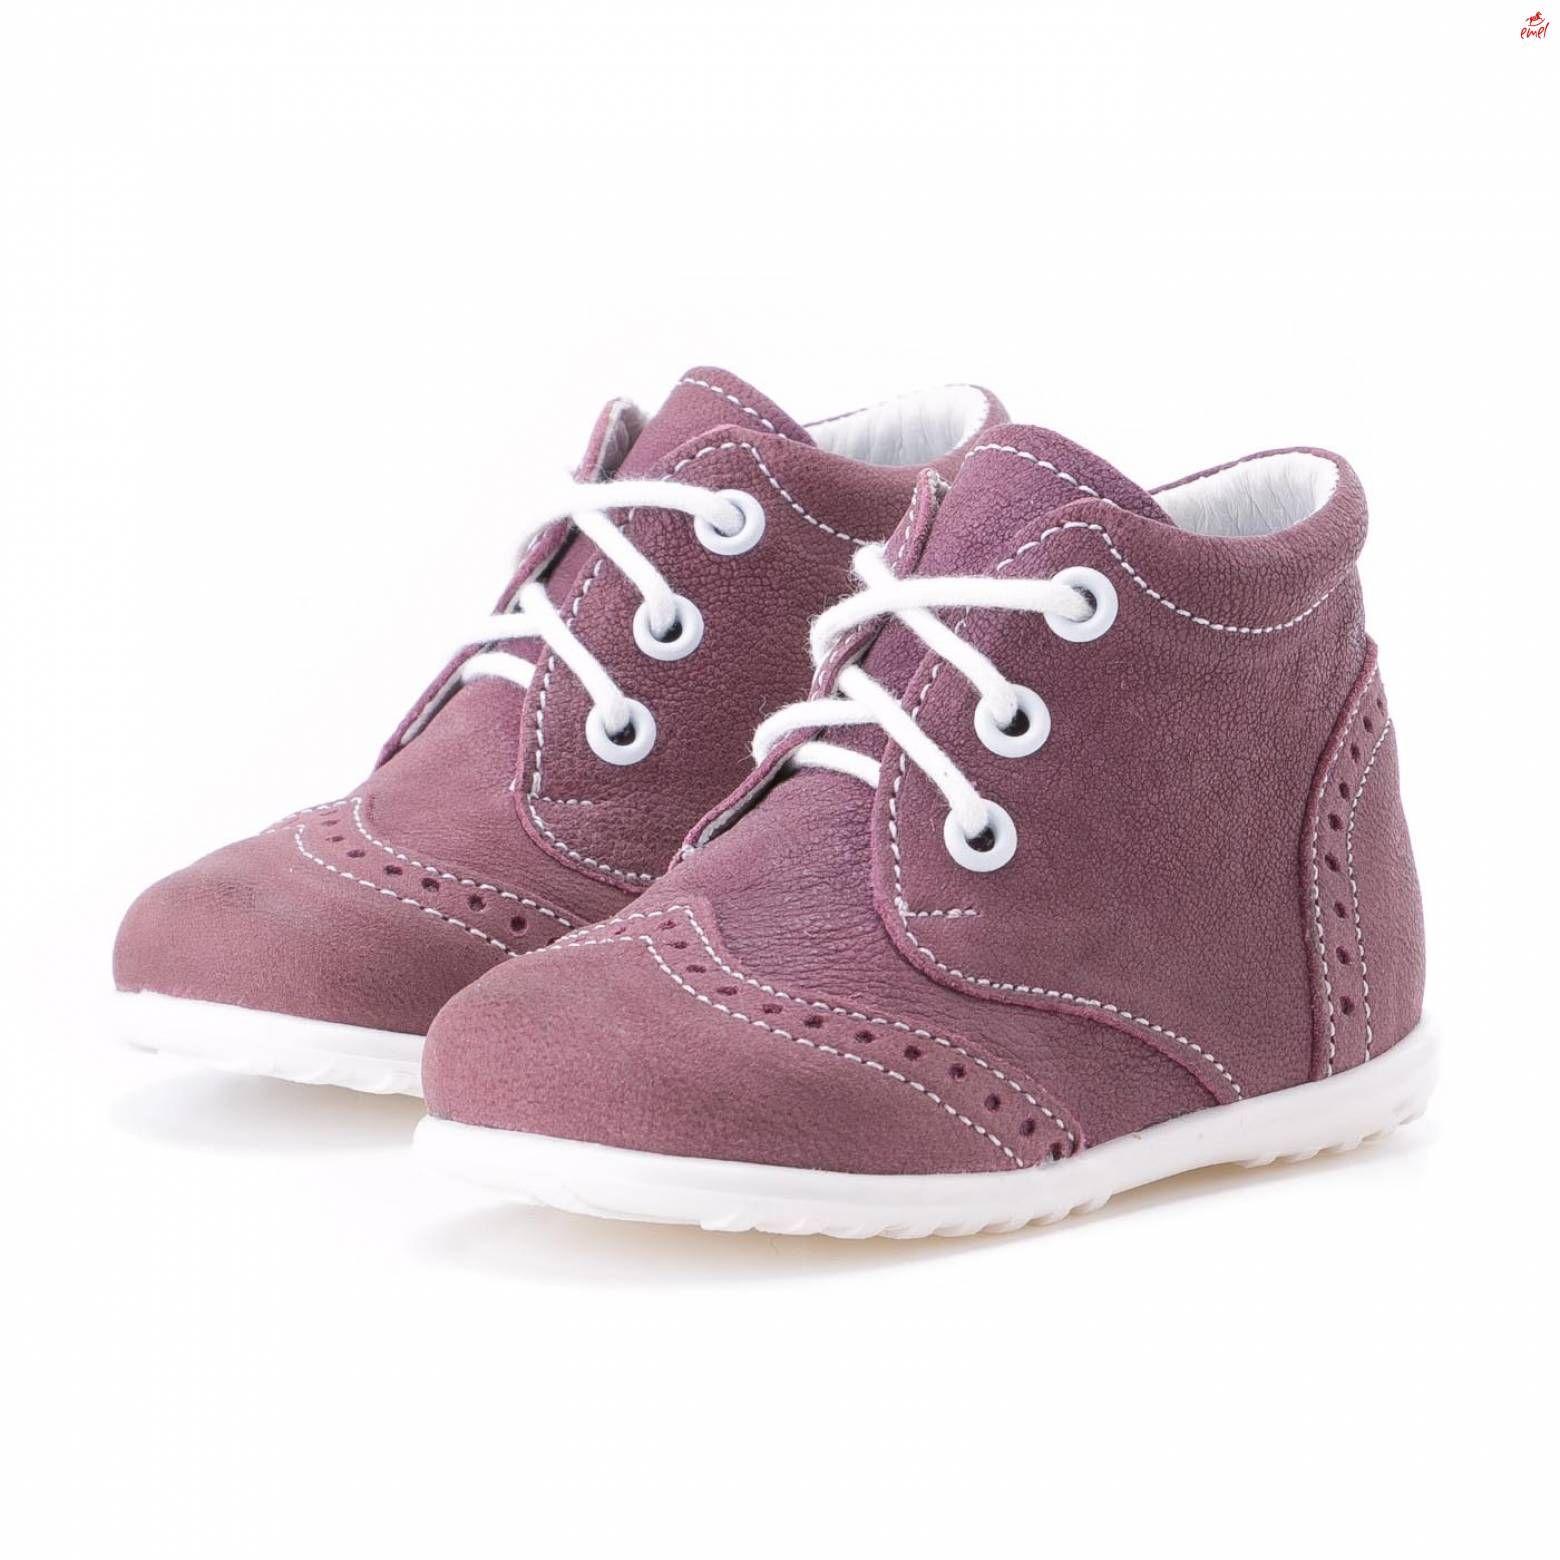 Emel Polski Producent Obuwia Dla Dzieci Baby Shoes Wedge Sneaker Shoes